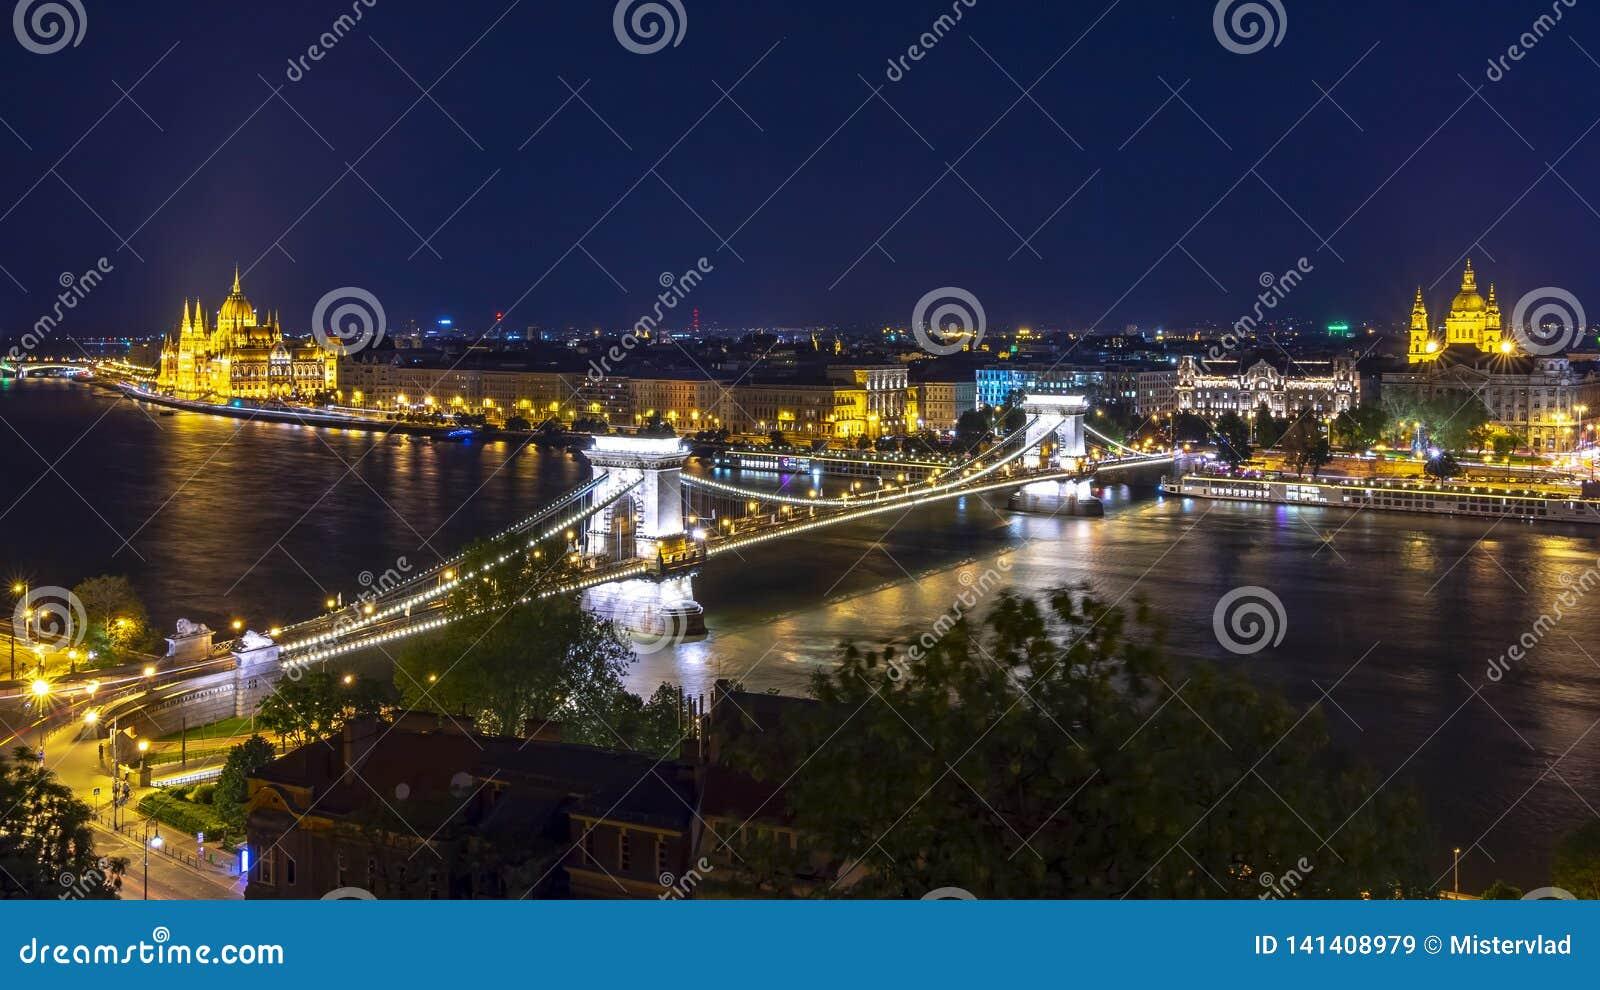 Paisaje urbano de Budapest con la basílica de St Stephen, el puente de cadena y el parlamento húngaro en la noche, Hungría